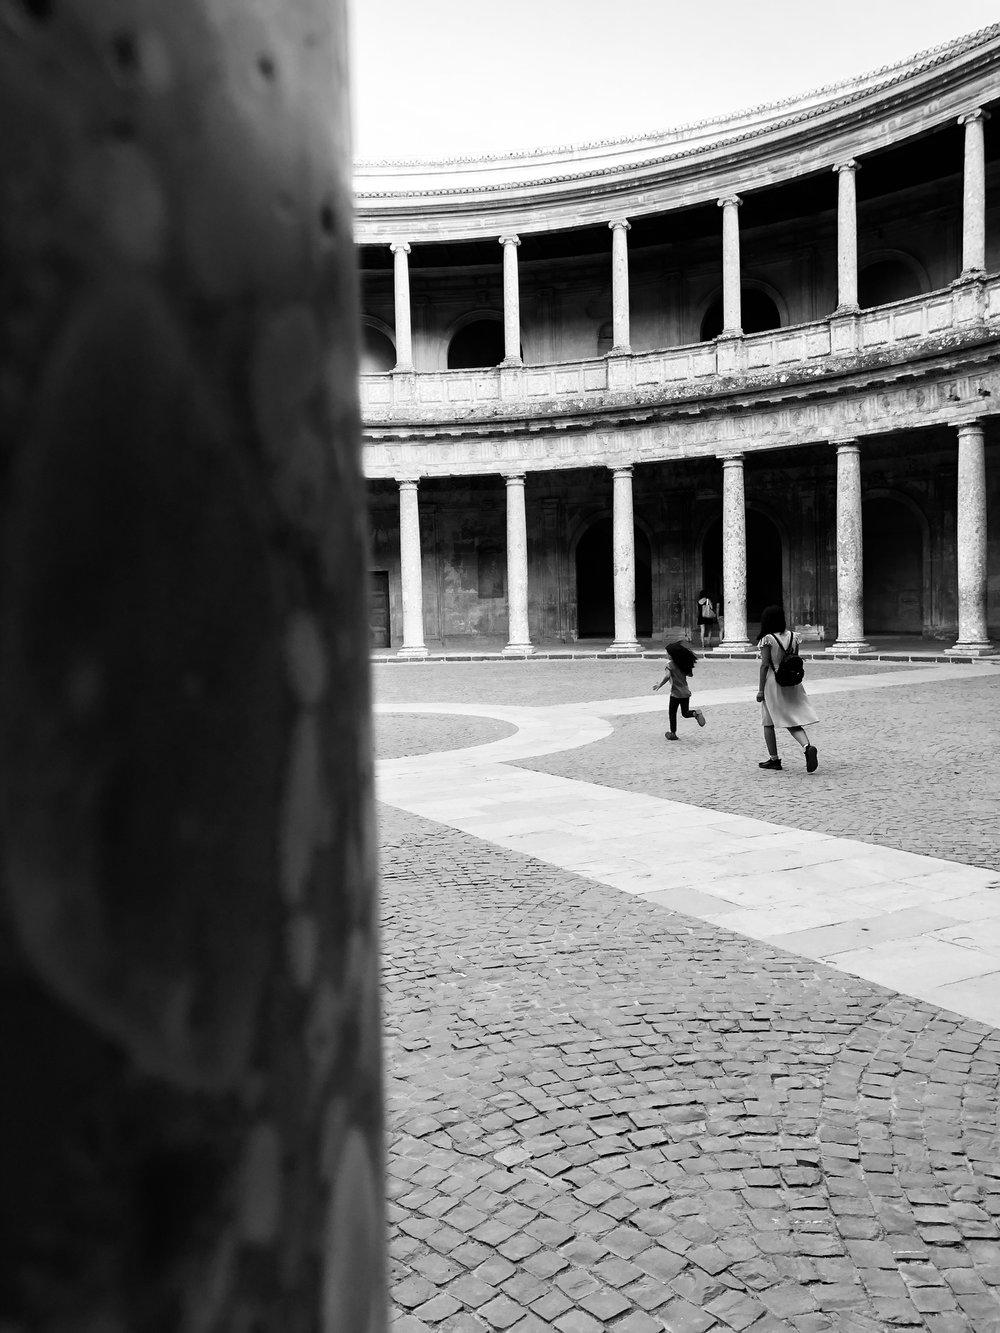 Elena_Cavallaro_Bullejos_Photo_5_The girl who runs with open arms.jpg